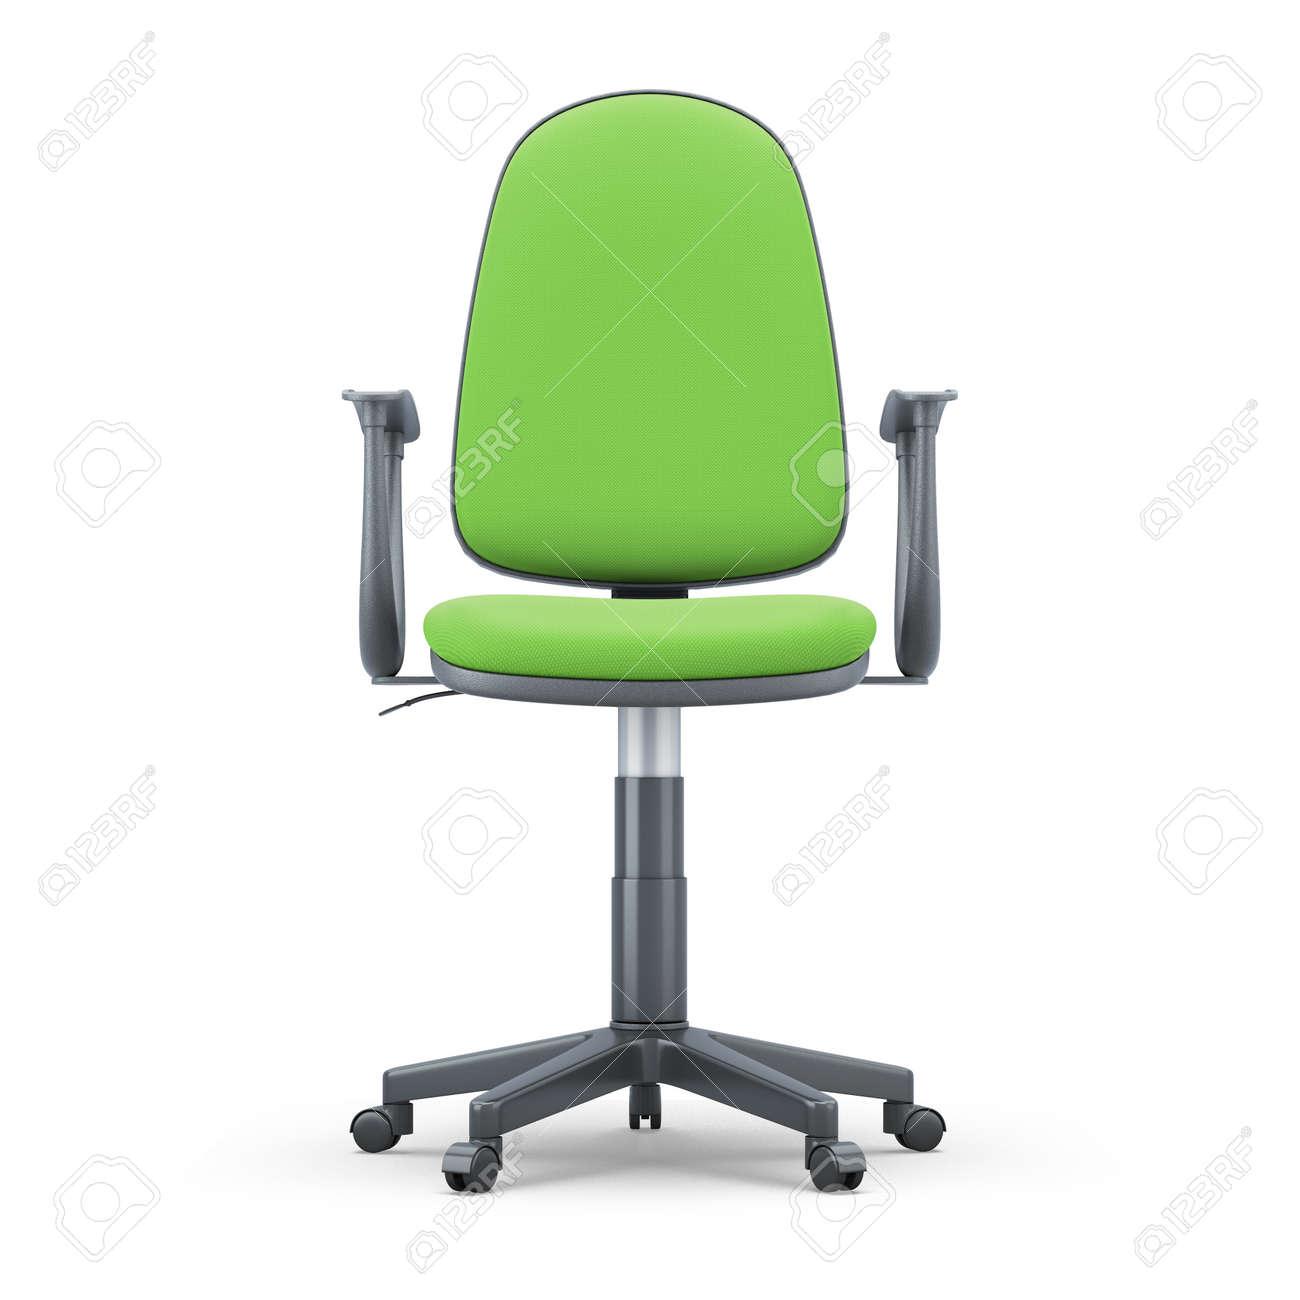 Sedie Da Ufficio Verde.Presidenza Verde Dell Ufficio Isolata Su Priorita Bassa Bianca Illustrazione 3d Vista Frontale Della Sedia Da Ufficio Verde